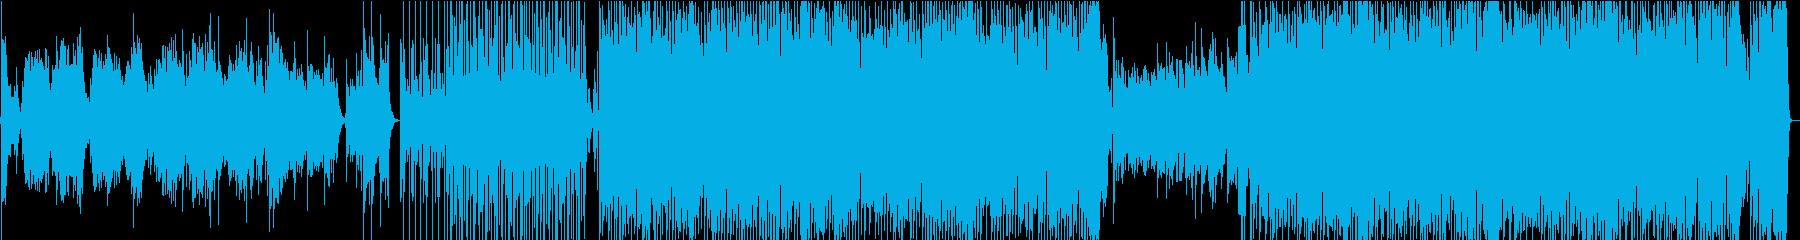 パフォーマンスに使える舞台向け曲の再生済みの波形